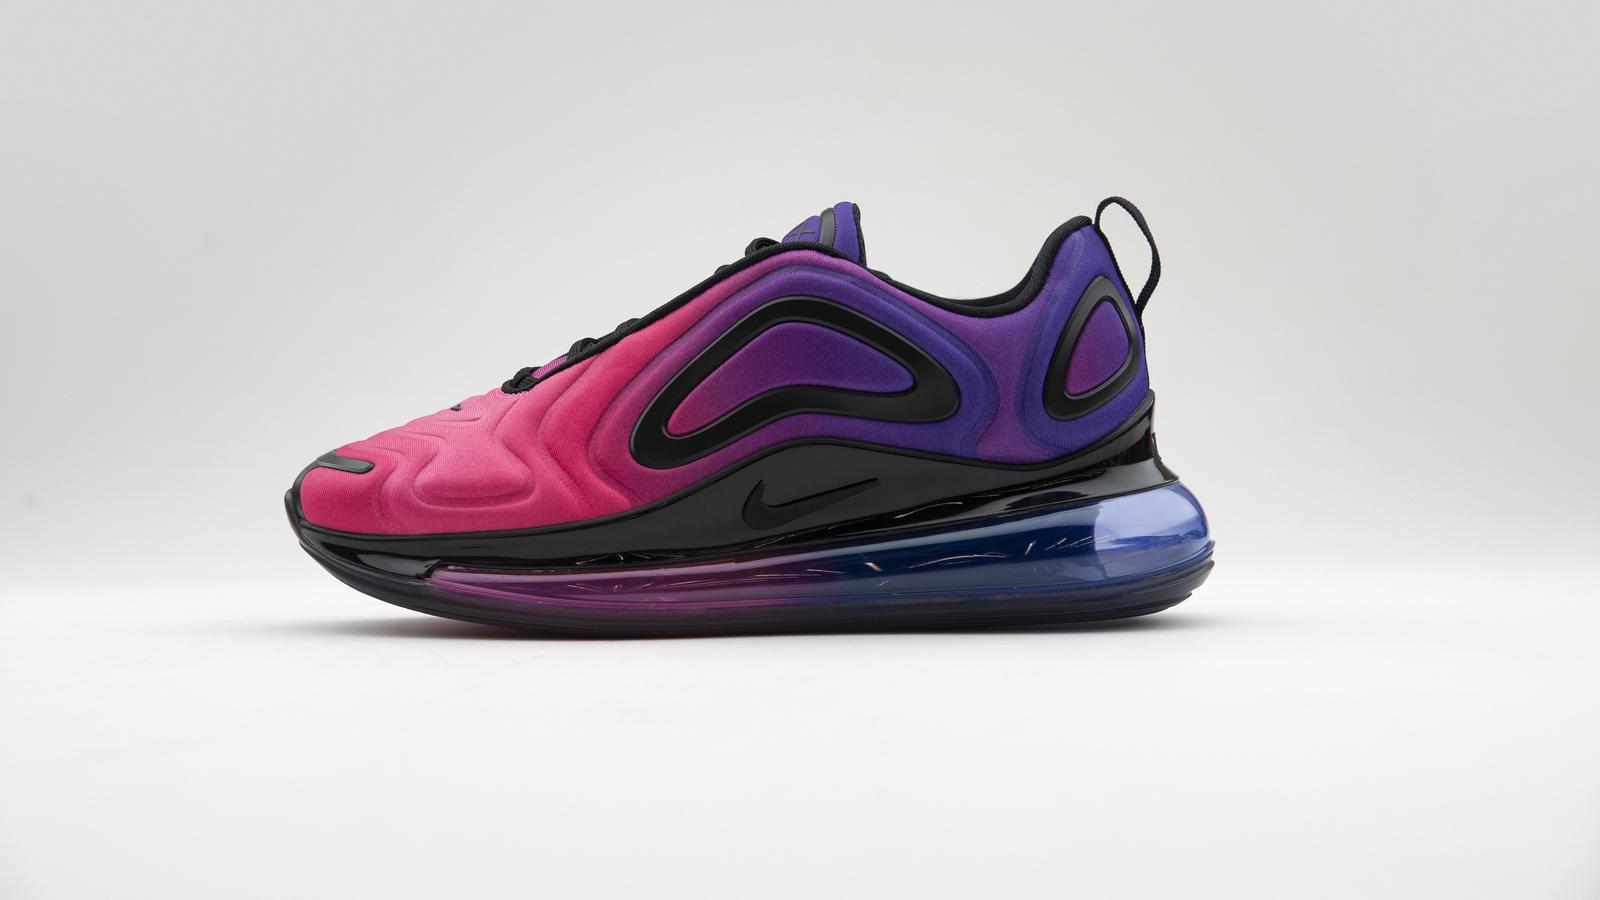 What Keeps Air Flowing - Nike News